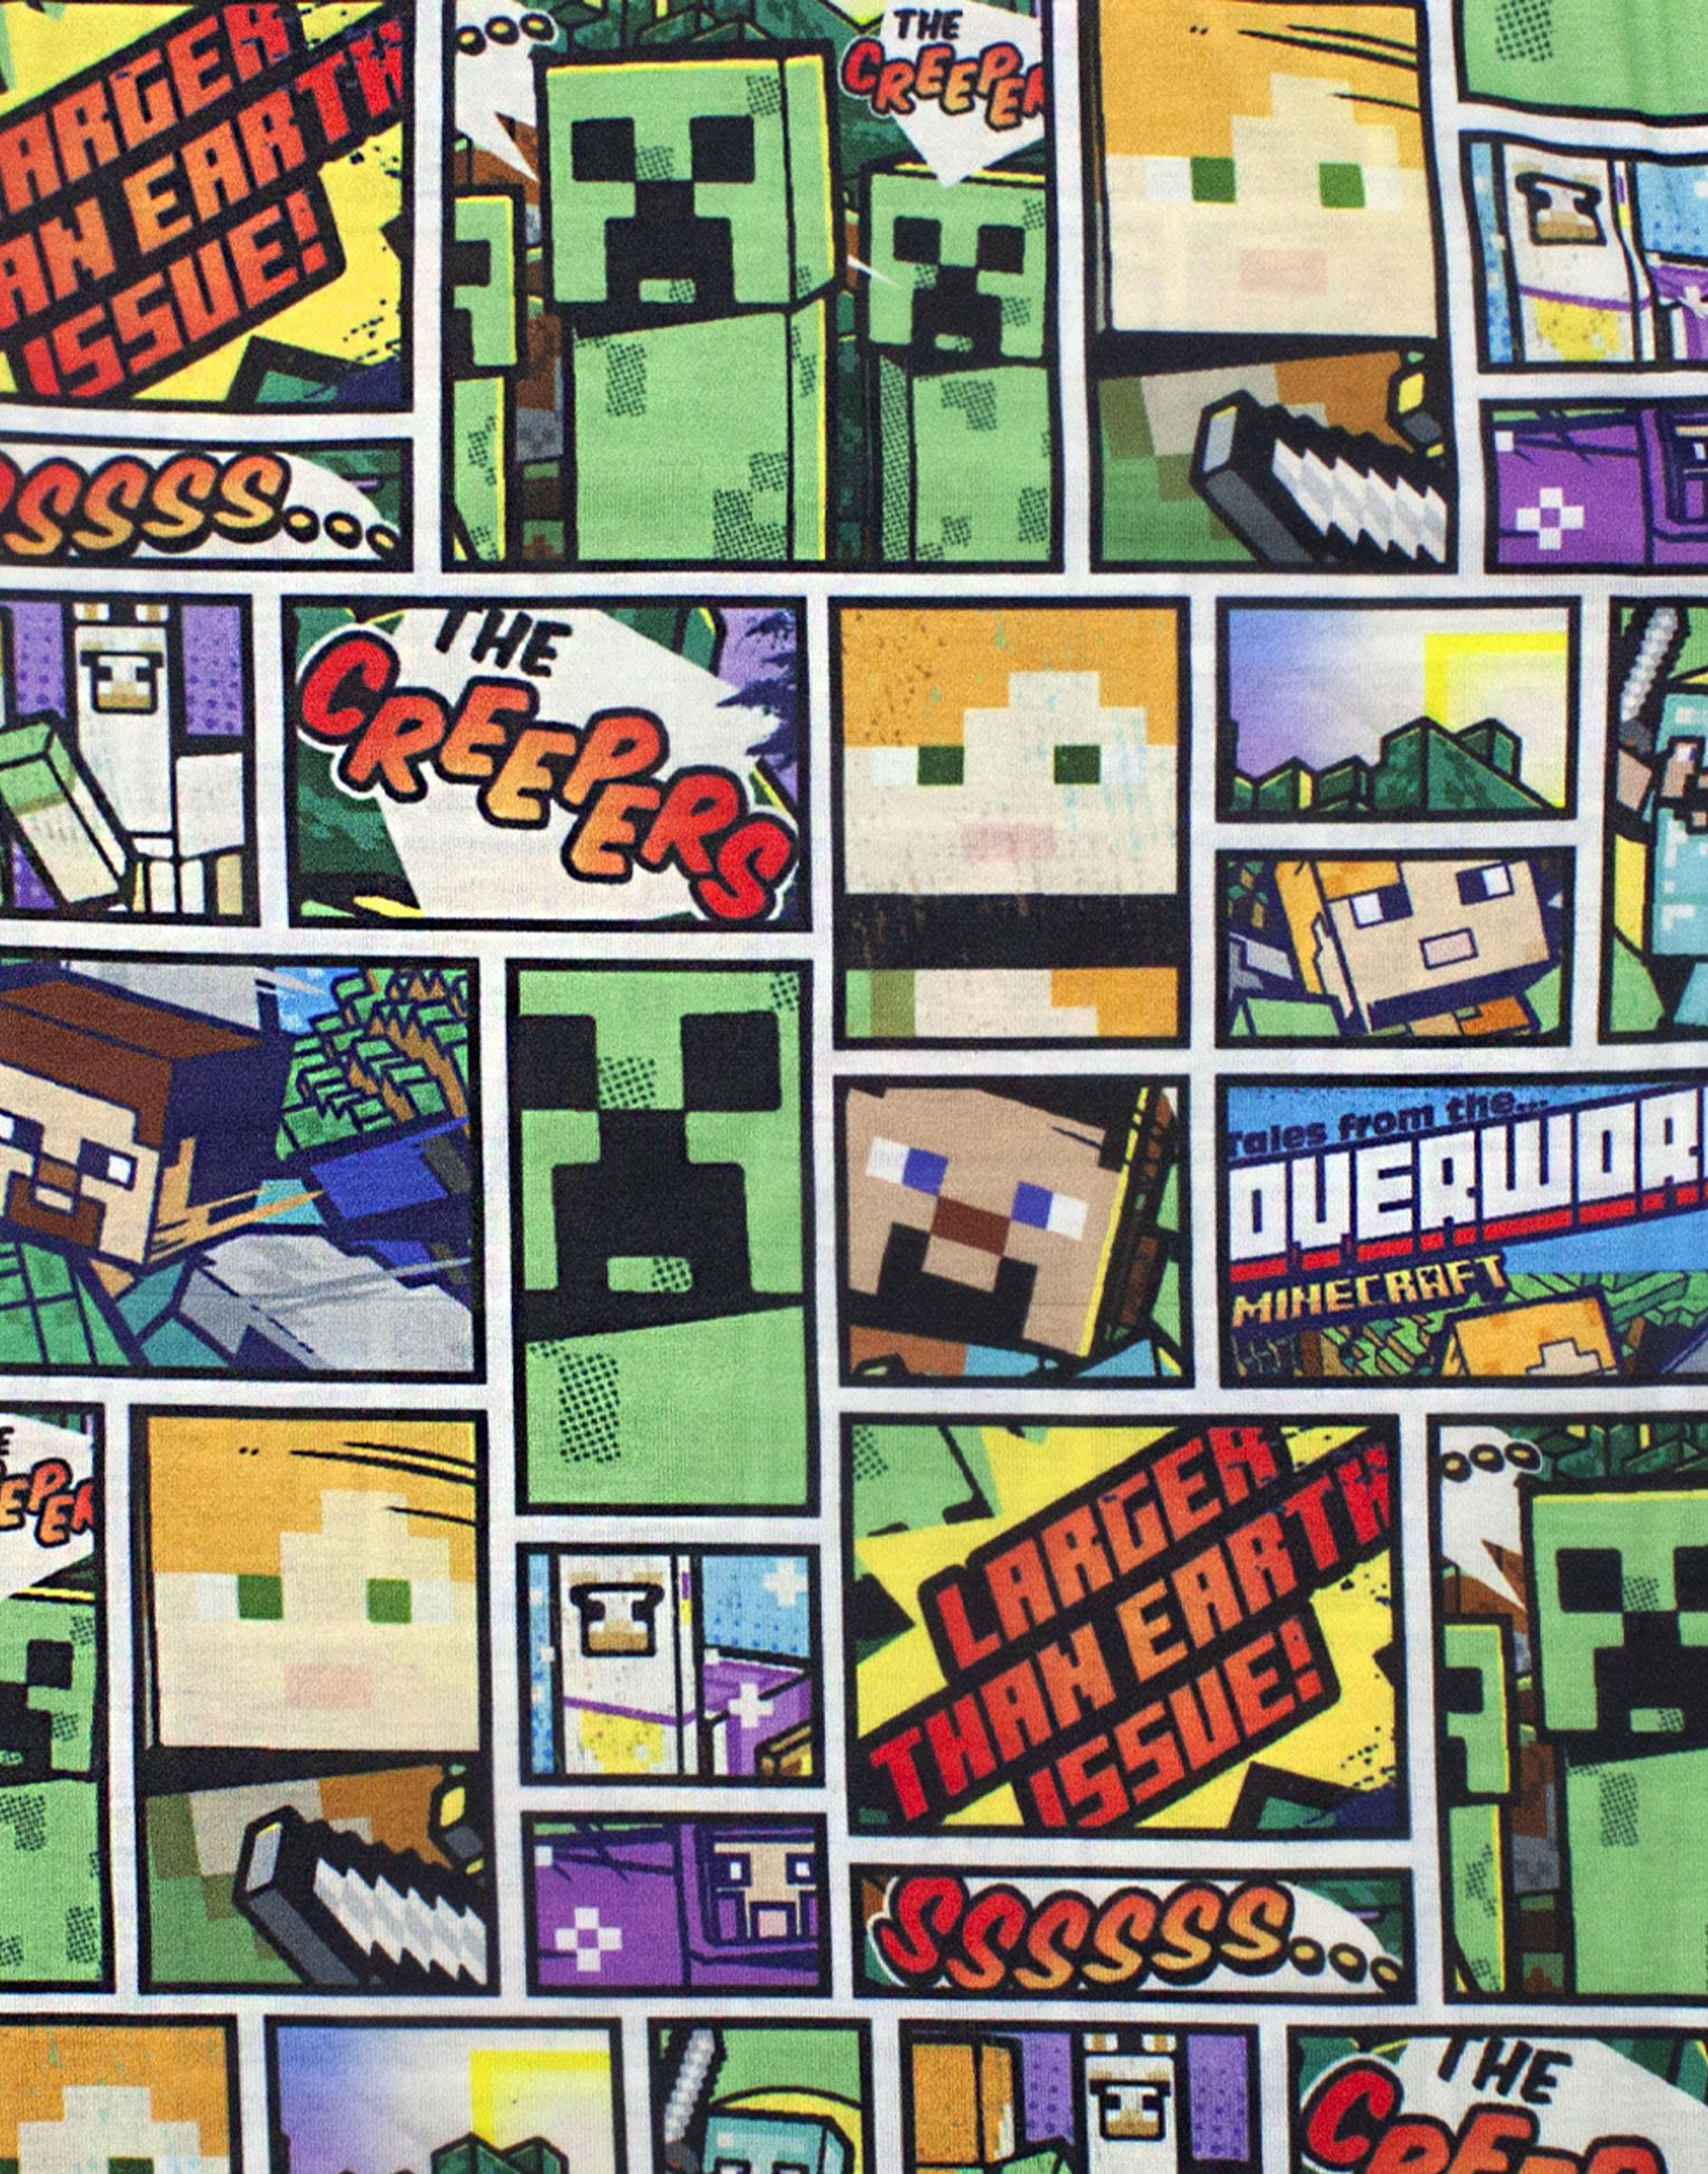 Minecraft-T-Shirt-Overworld-Steve-Creeper-Boy-039-s-Kids-Short-Sleeve-Shirt-Top thumbnail 12